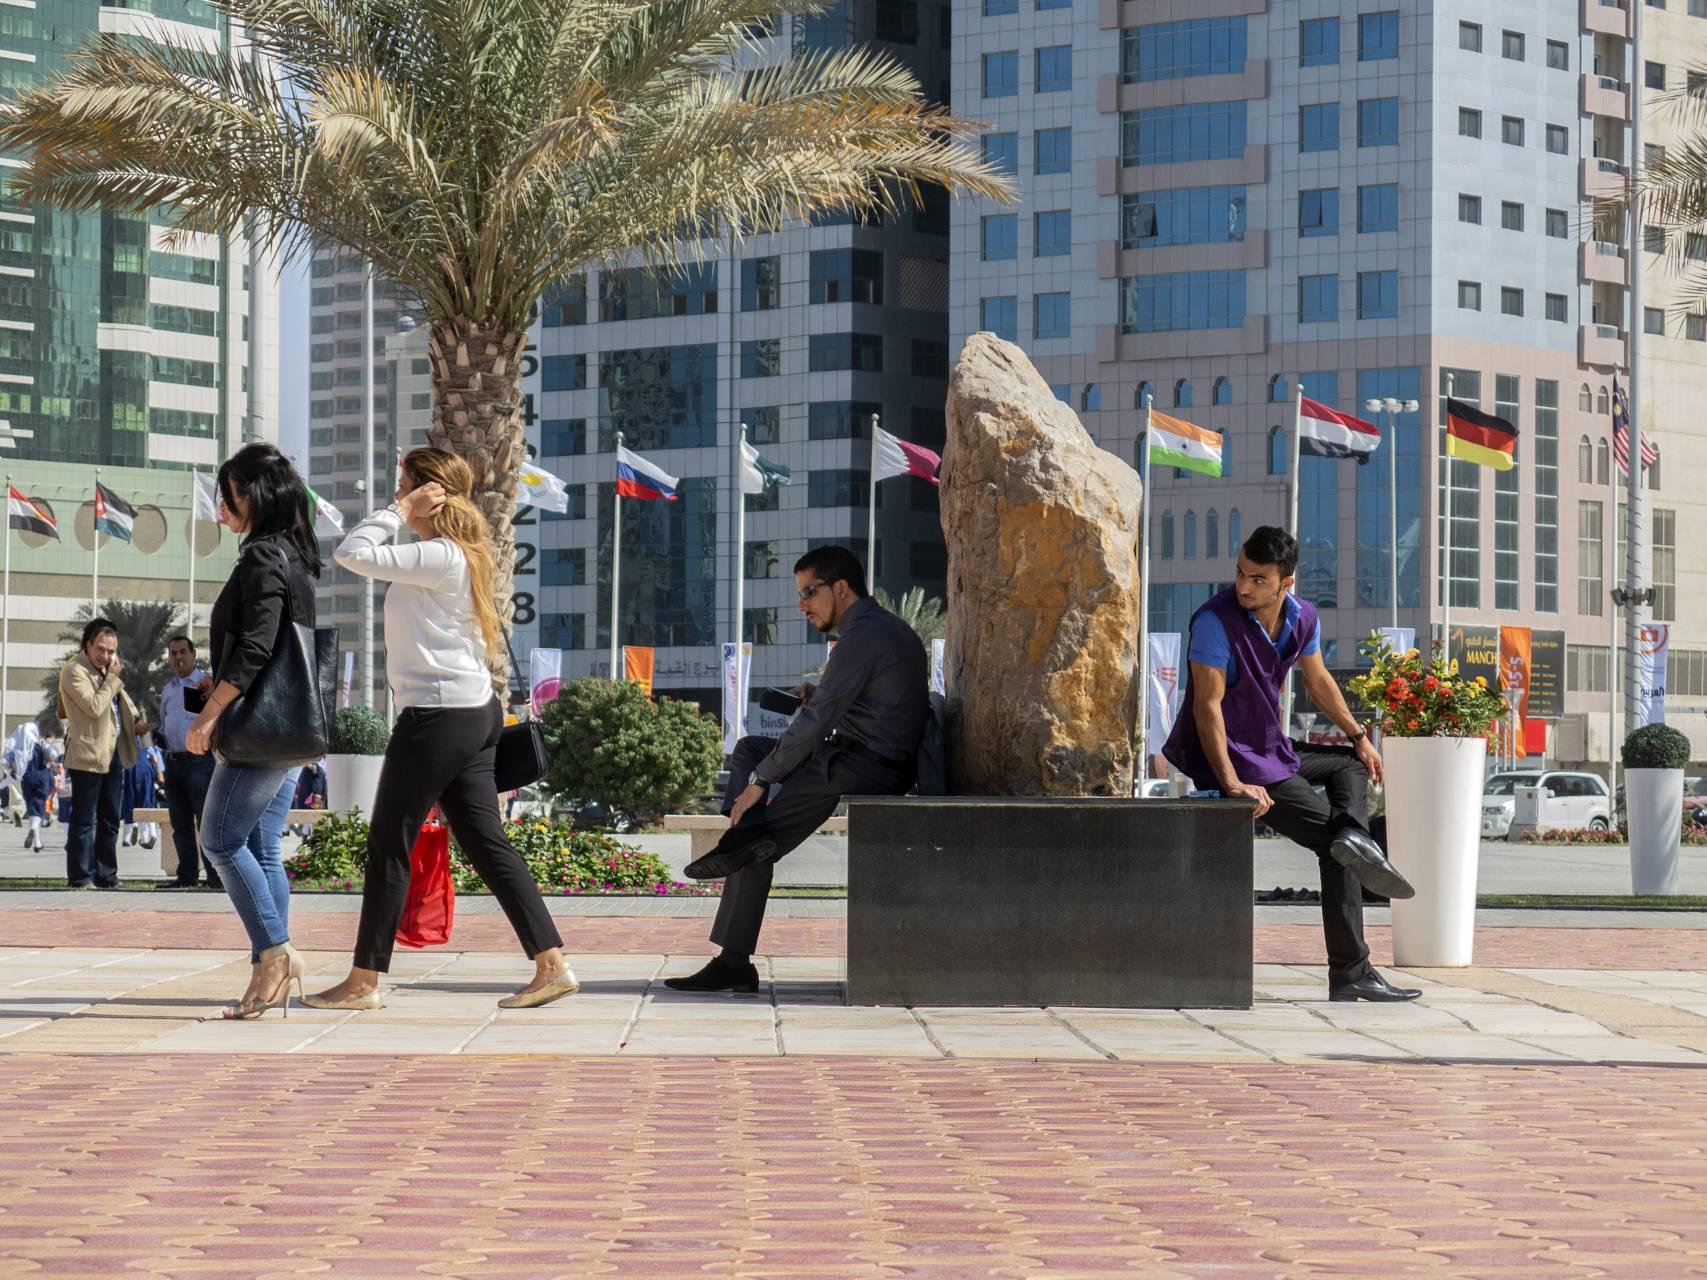 Women in the UAE